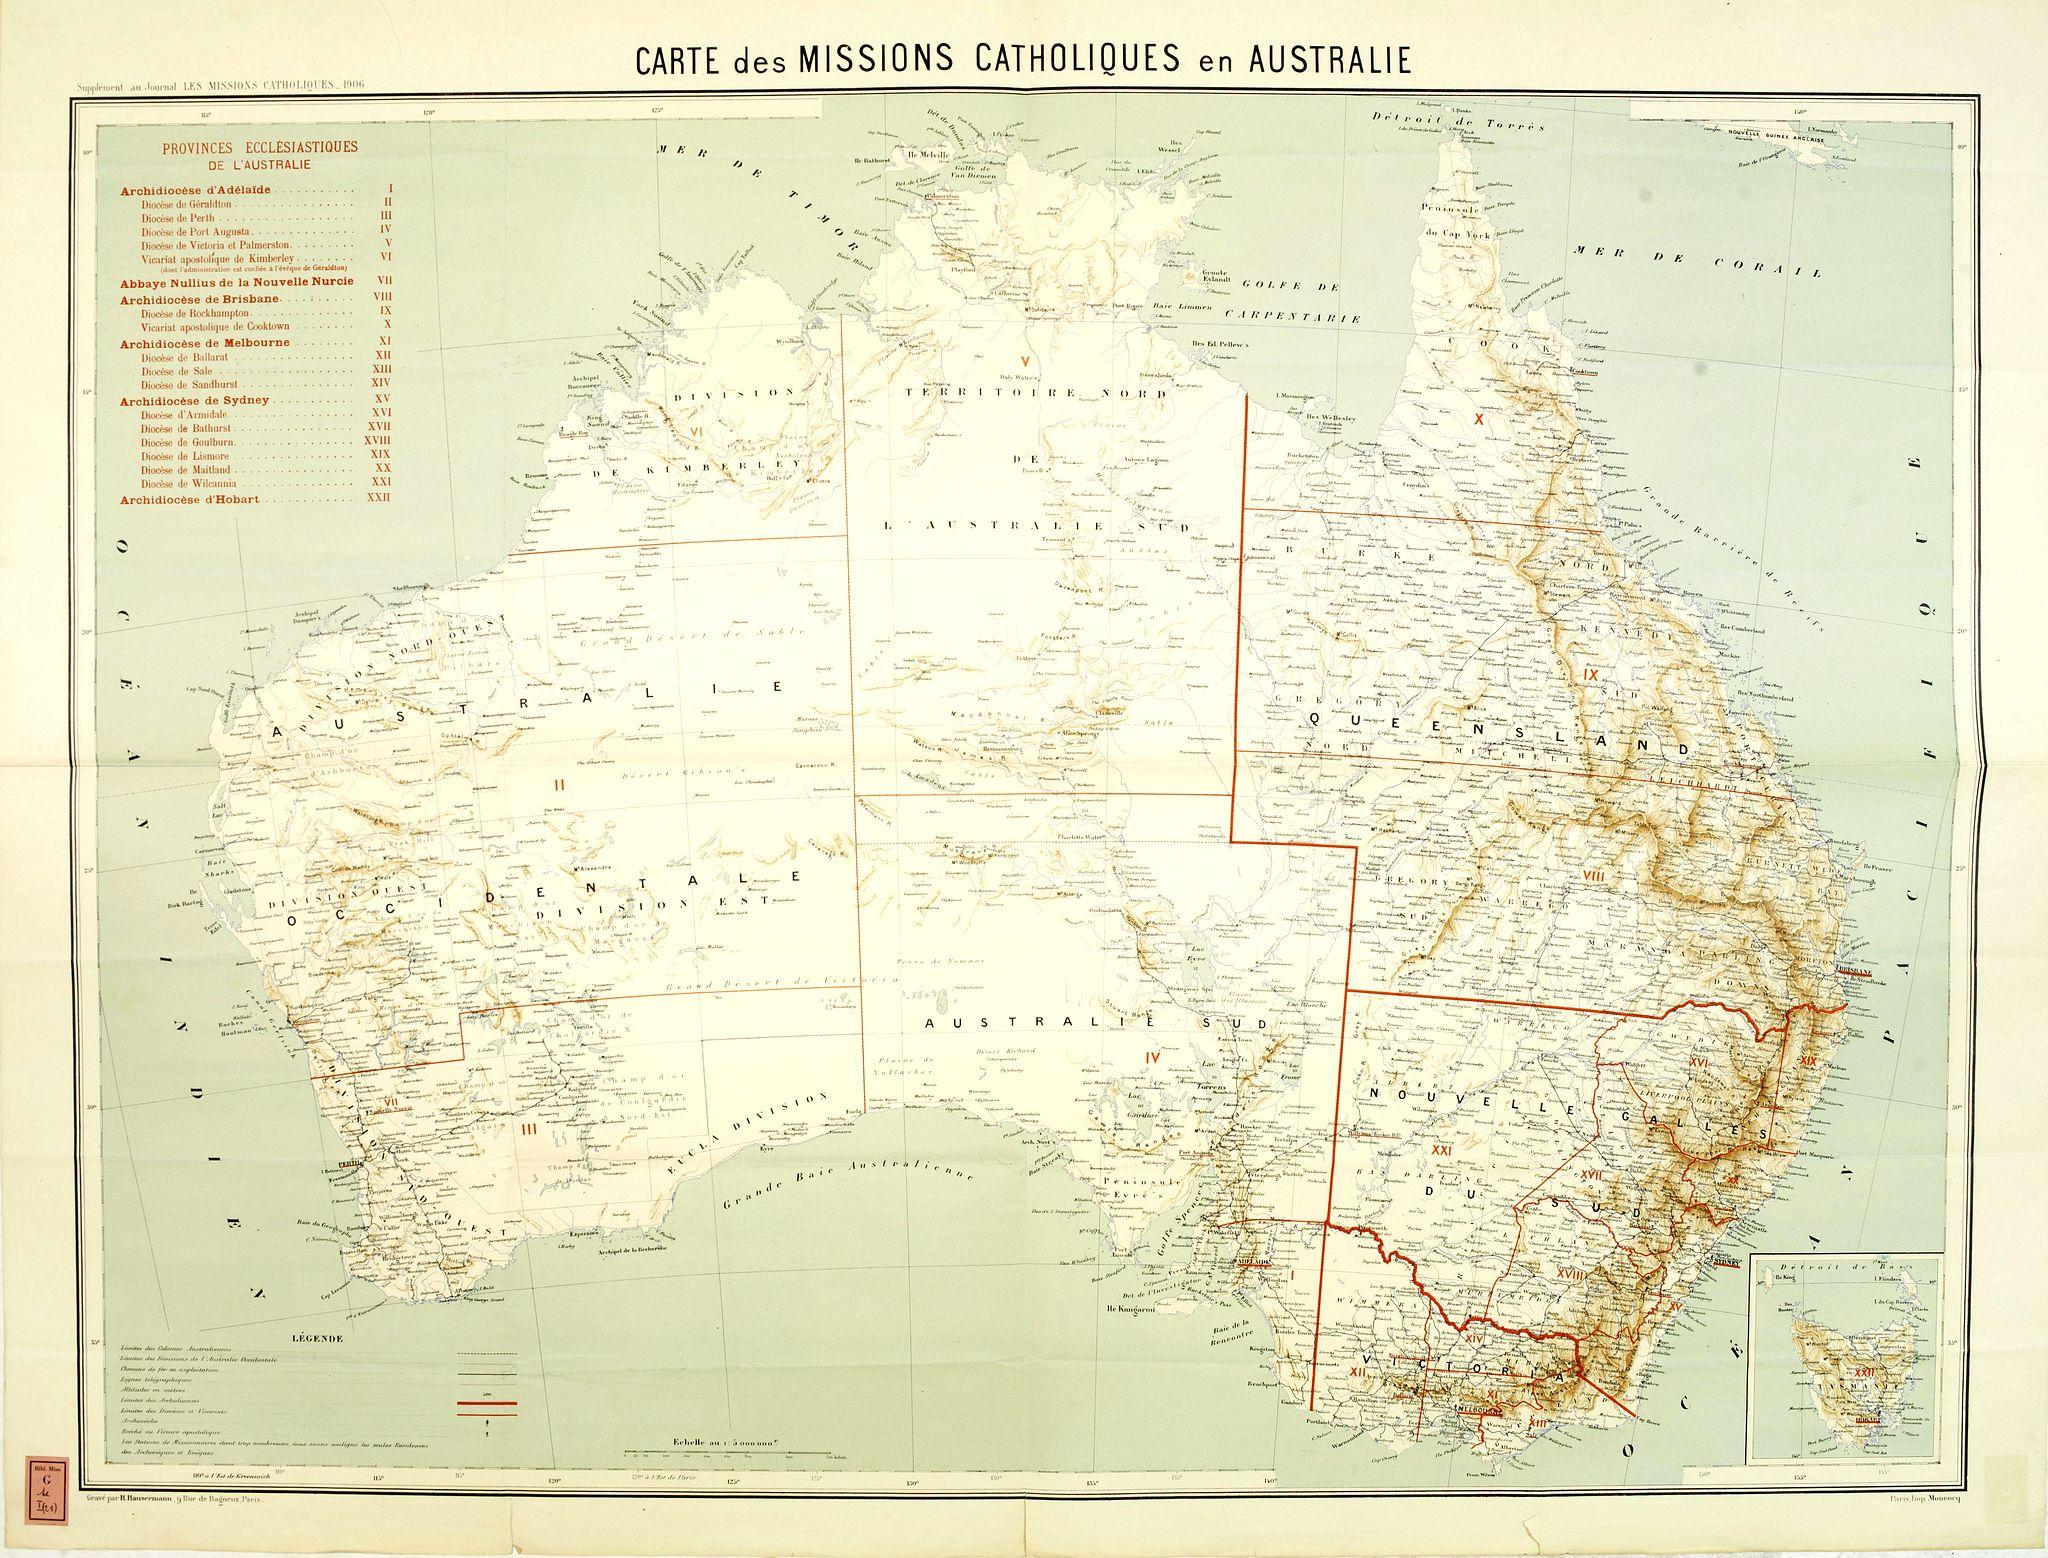 MISSIONS CATHOLIQUES -  Carte des missions Catholiques en Australie.